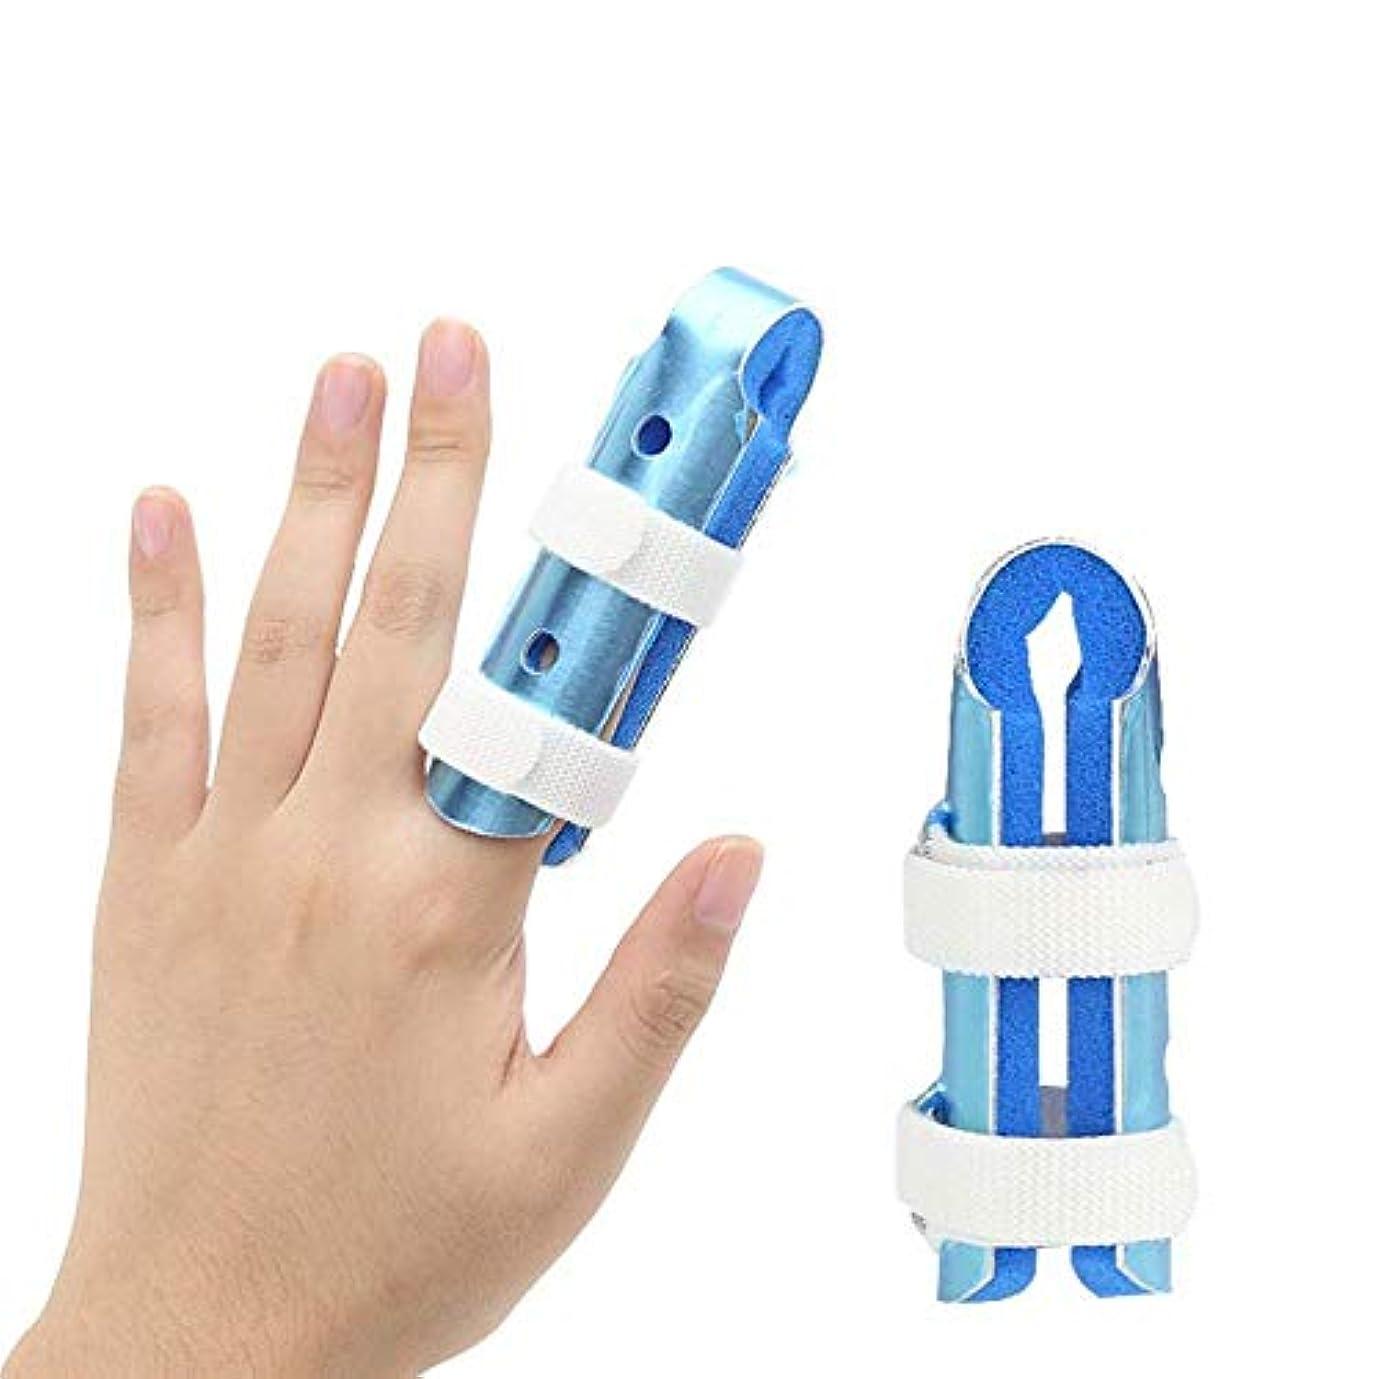 上向き微生物悪夢指の損傷のサポート、トリガーフィンガースプリントの動きフィンガージョイント装具クラッシュプロテクター,8CM